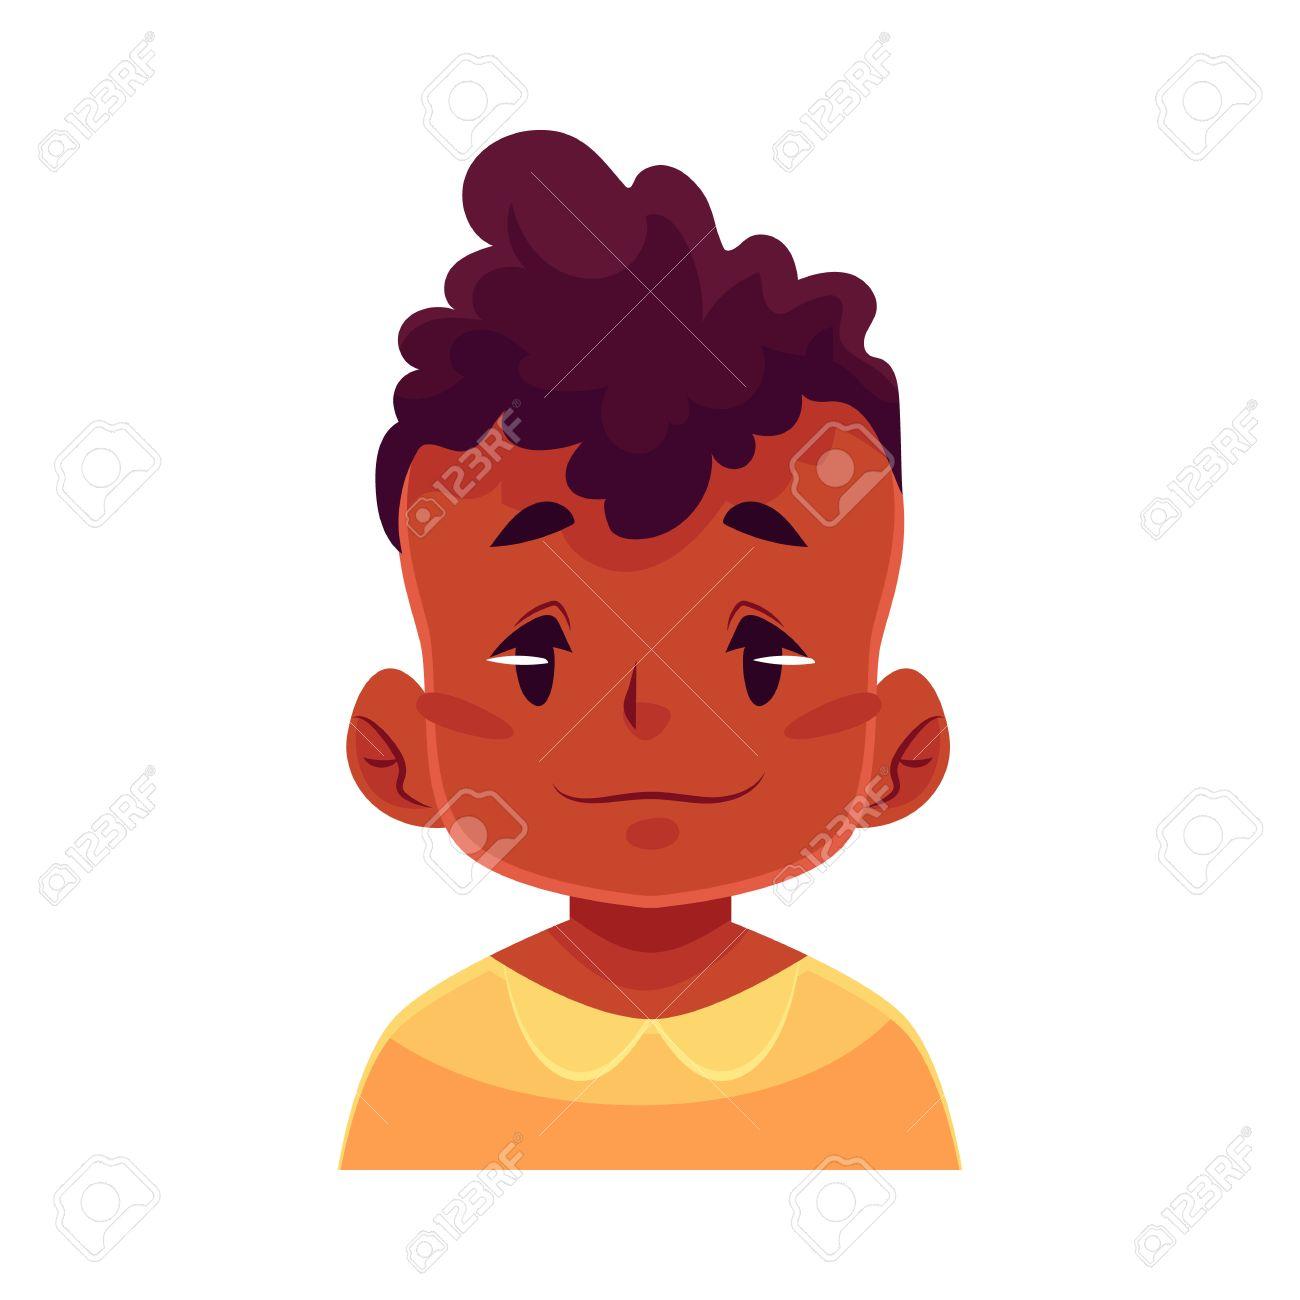 小さな少年の顔、中性表情漫画ベクトル イラスト白背景に分離します